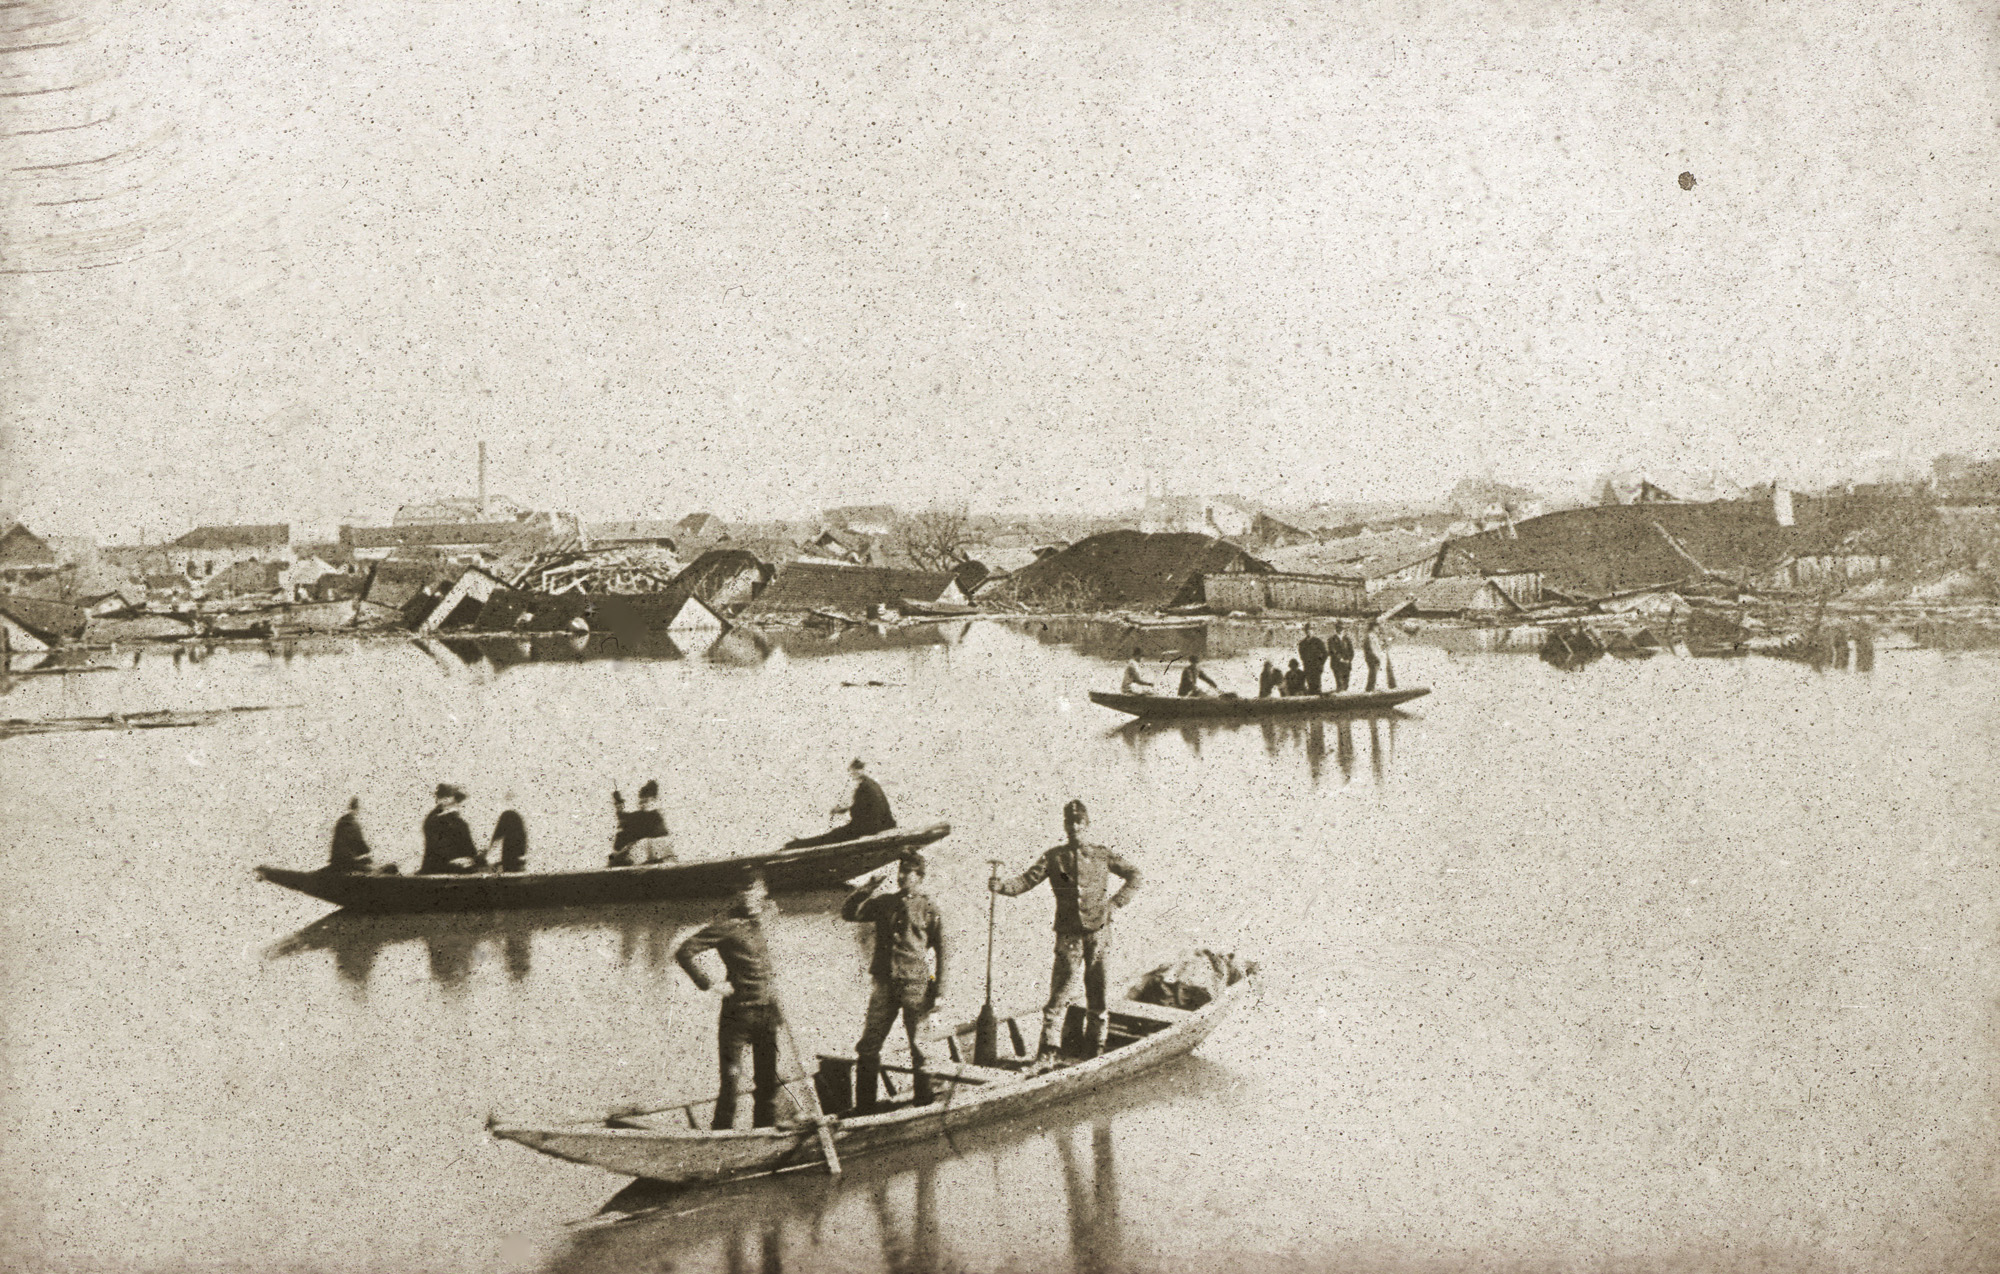 Fotó: Klösz György: Szegedi árvíz, 1879 (Kisképző Digitális Fotótár)